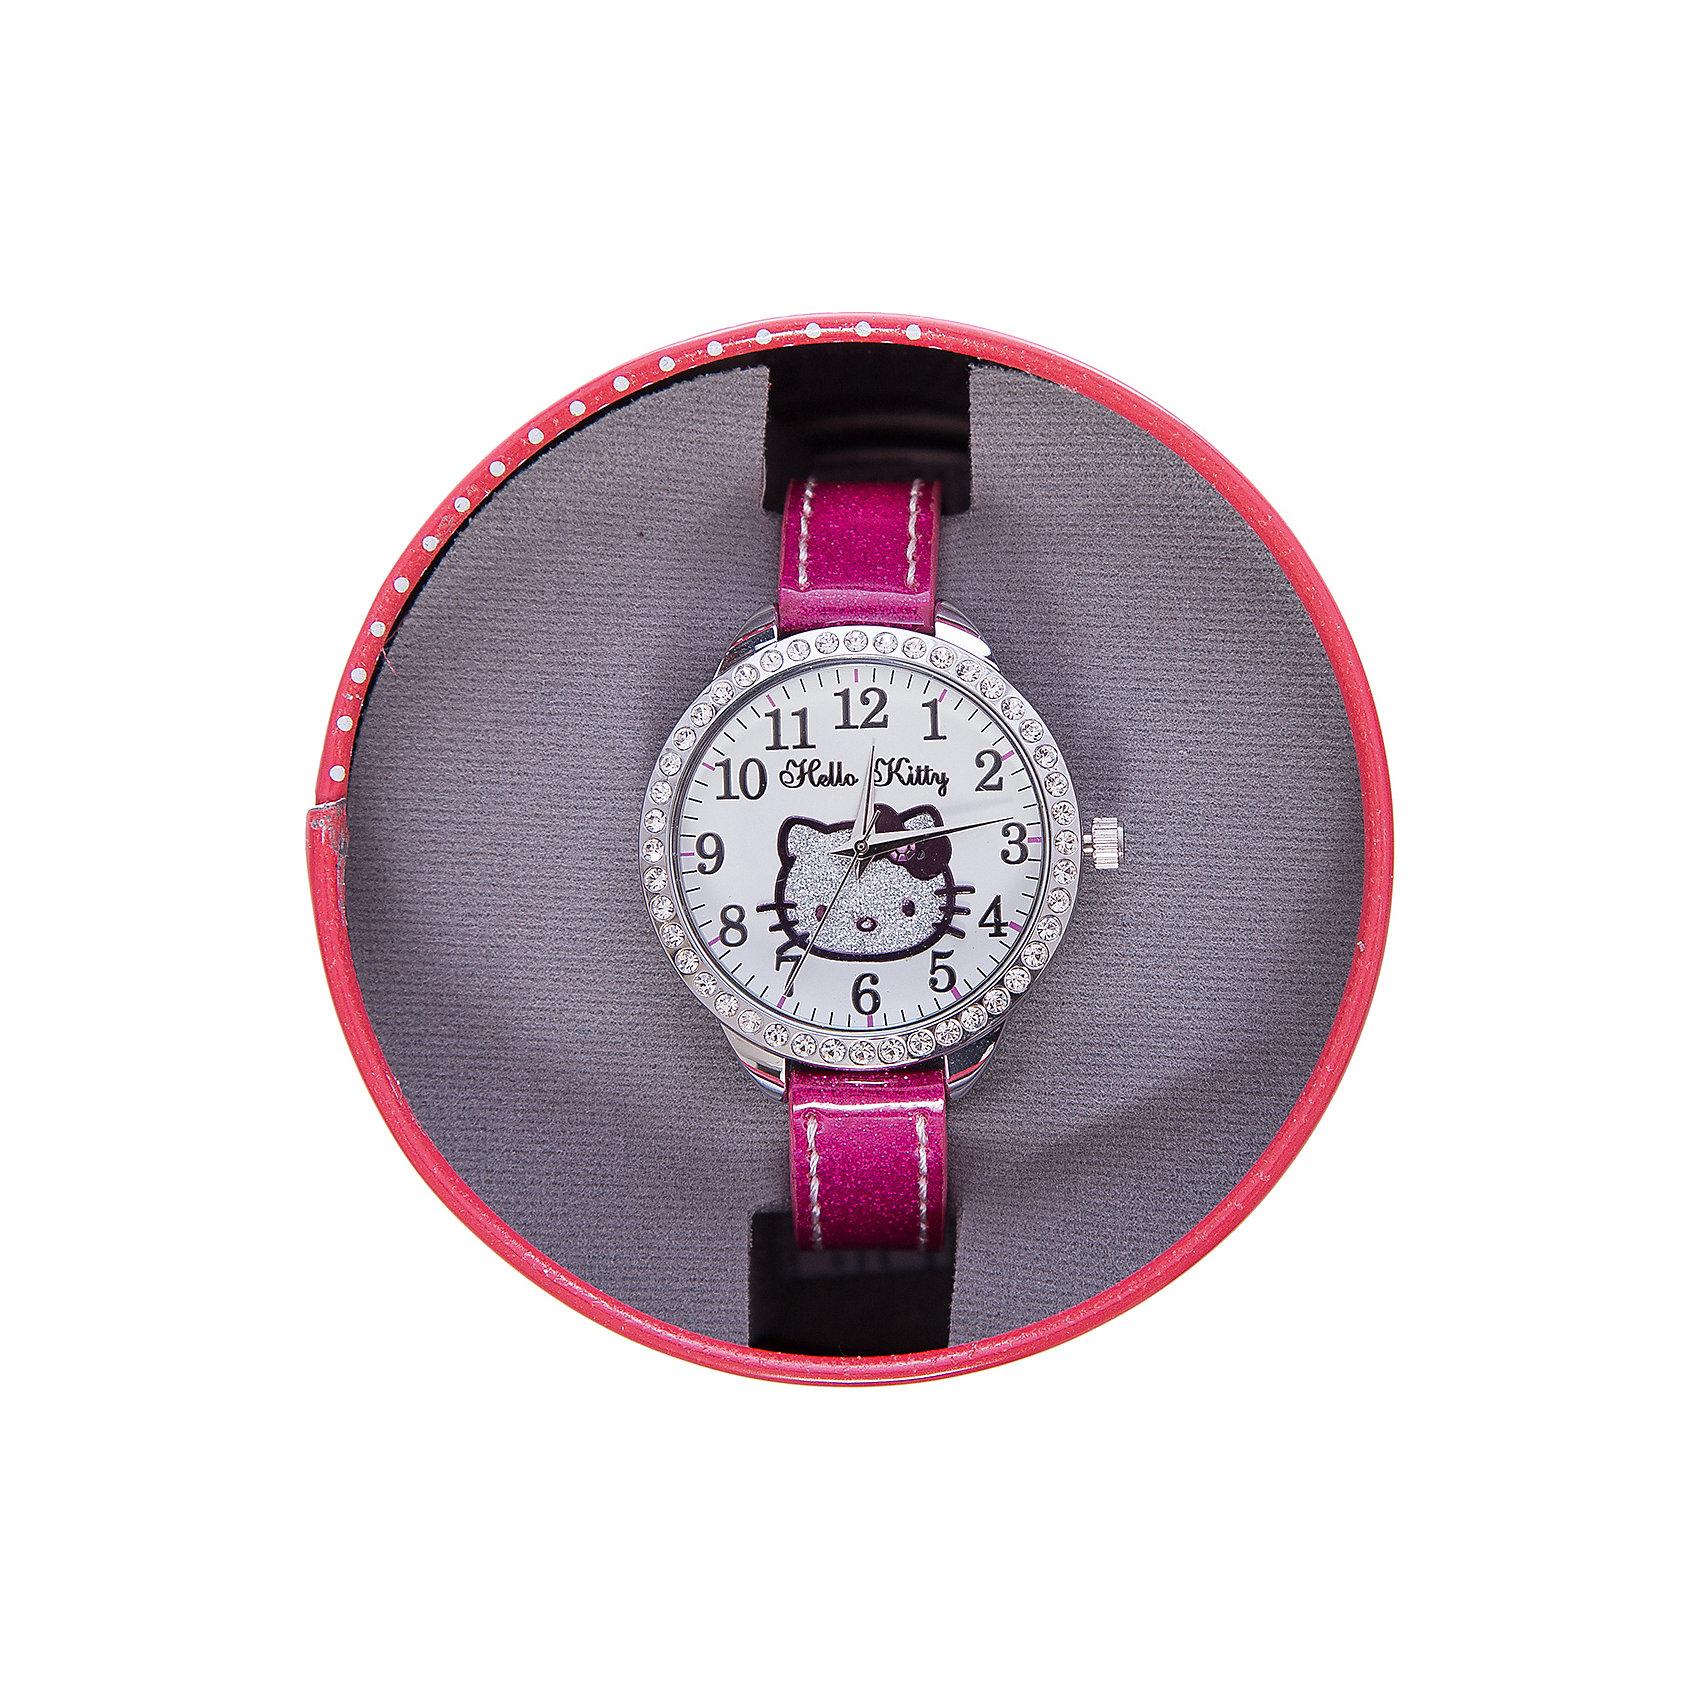 Часы наручные аналоговые, Hello KittyЭксклюзивные наручные аналоговые часы торговой марки Hello Kitty выполнены по индивидуальному дизайну ООО «Детское Время» и лицензии компании Sanrio. Обилие деталей - декоративных элементов (страз, мерцающих ремешков), надписей,  уникальных изображений - делают изделие тщательно продуманным творением мастеров. Часы имеют высококачественный японский кварцевый механизм и отличаются надежностью и точностью хода. Часы водоустойчивы и обладают достаточной герметичностью, чтобы спокойно перенести случайный и незначительный контакт с жидкостями (дождь, брызги), но они не предназначены для плавания или погружения в воду. Циферблат защищен от повреждений прочным минеральным стеклом. Корпус часов выполнен из стали,  задняя крышка из нержавеющей стали. Материал браслета: искусственная кожа. Единица товара упаковывается в стильную подарочную коробочку. Неповторимый стиль с изобилием насыщенных и в тоже время нежных гамм; надежность и прочность изделия позволяют говорить о нем только в превосходной степени!<br><br>Ширина мм: 55<br>Глубина мм: 10<br>Высота мм: 250<br>Вес г: 22<br>Возраст от месяцев: 36<br>Возраст до месяцев: 72<br>Пол: Женский<br>Возраст: Детский<br>SKU: 5529340